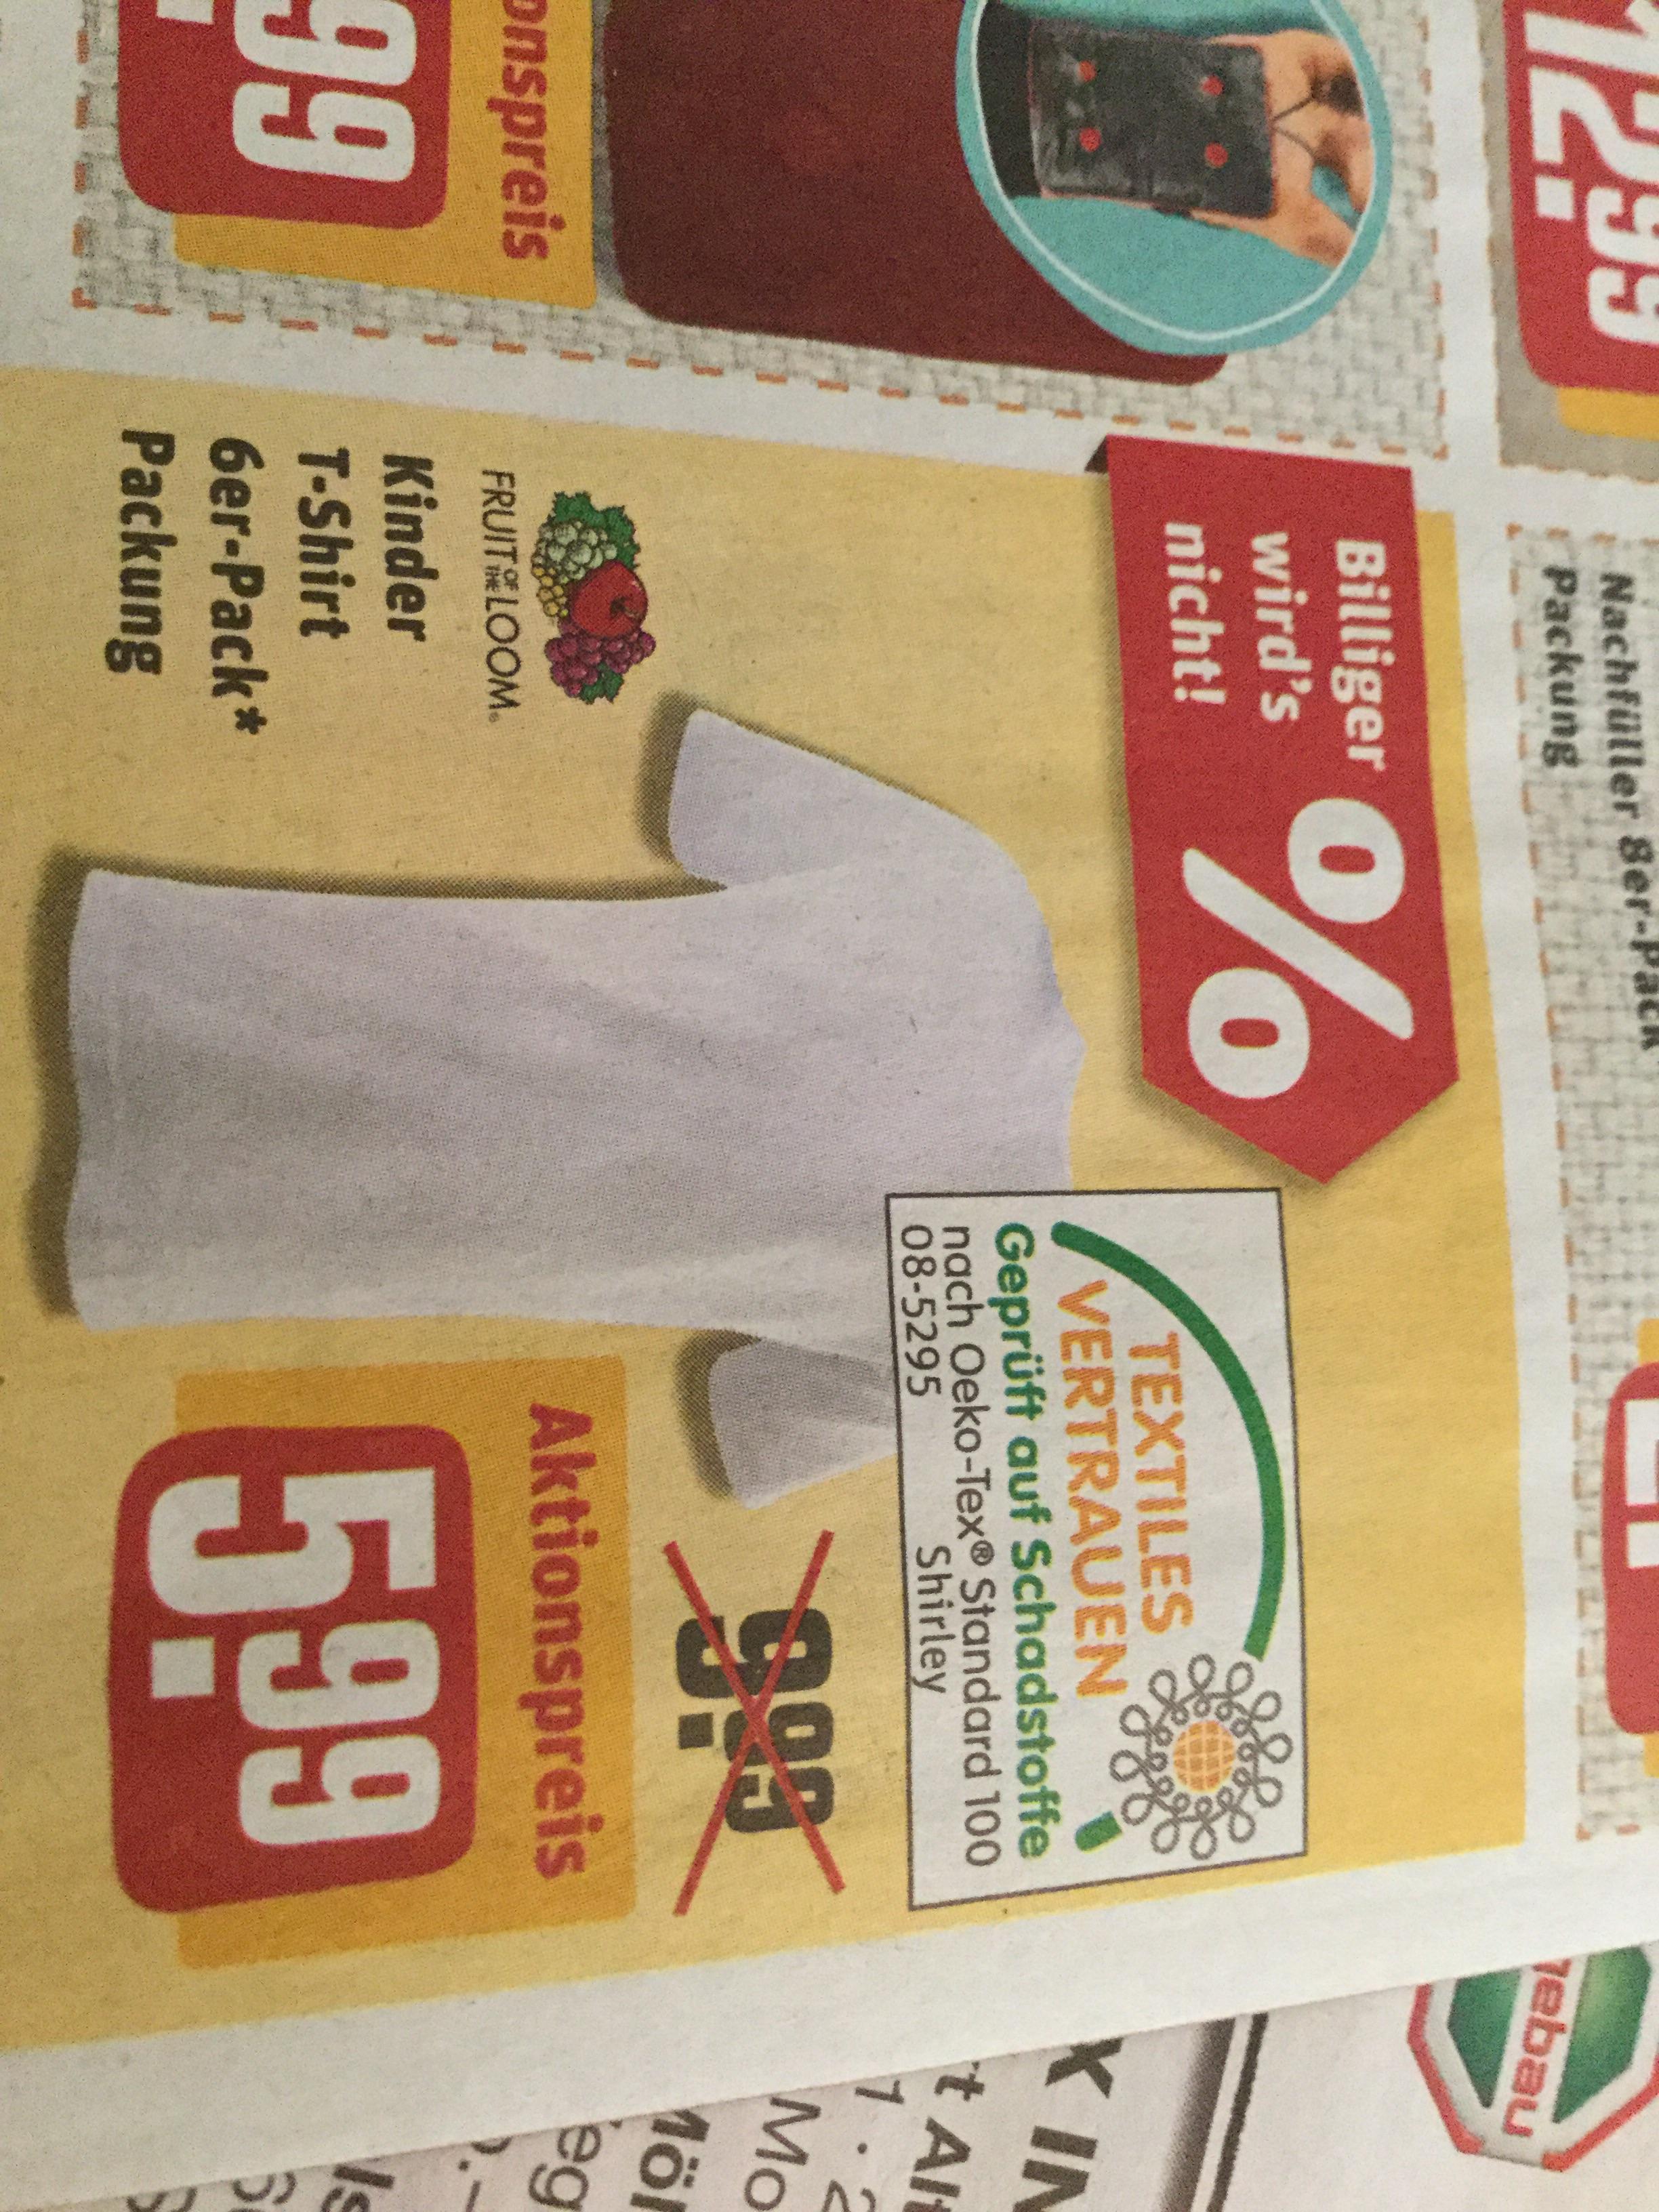 [REWE] Norddeutschland - Dein Markt - Wochenangebot - 6x Fruit of the Loom Kinder T-Shirt